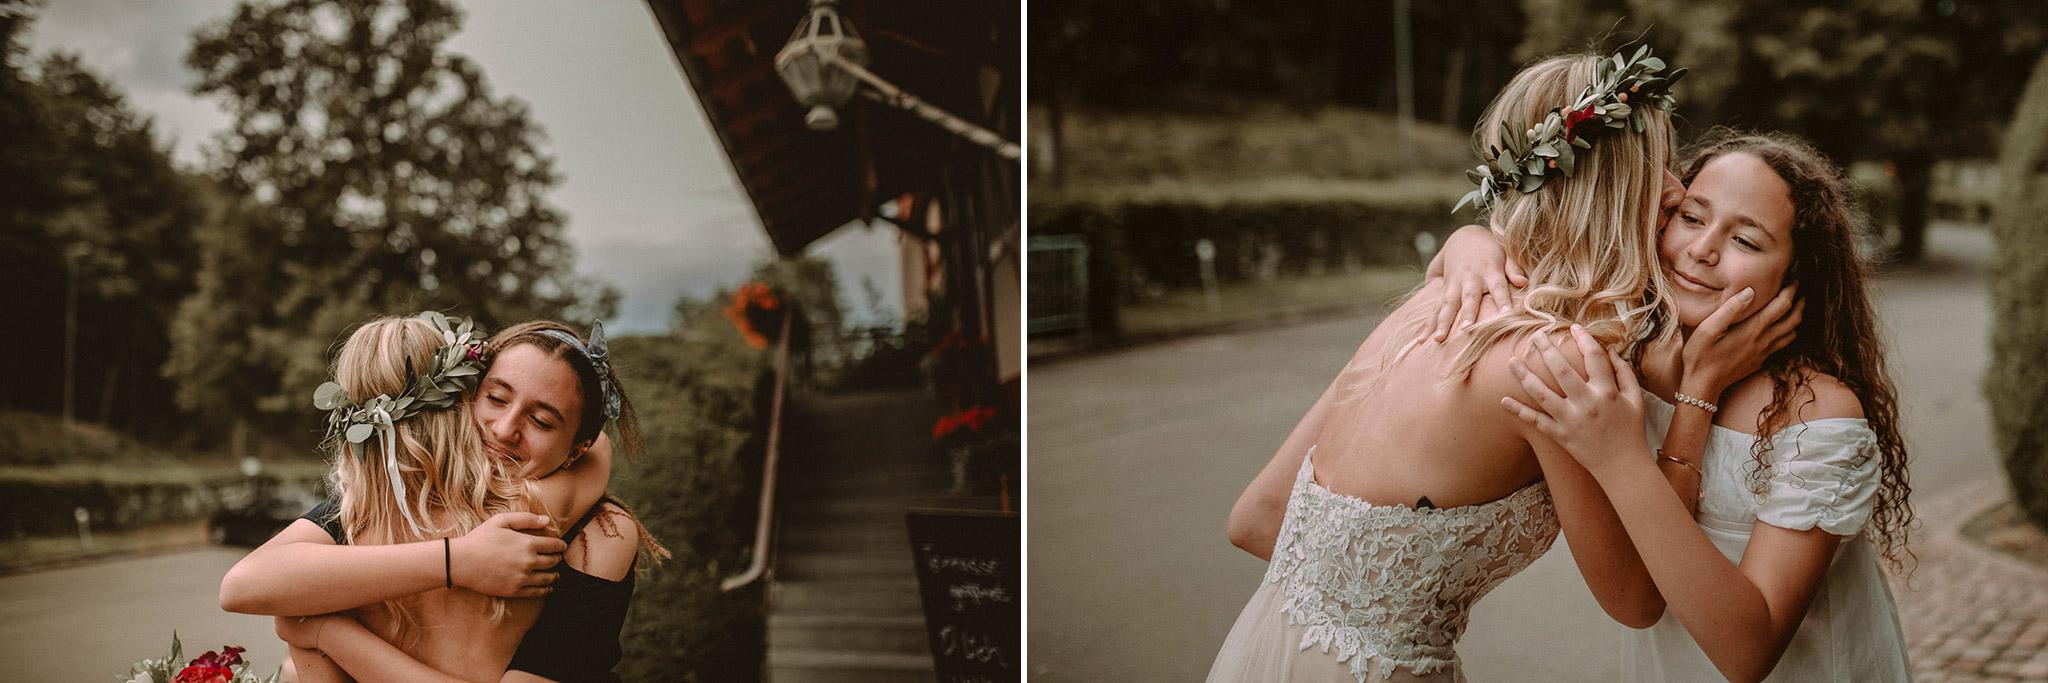 Hochzeitsfotograf_Zuerich_005